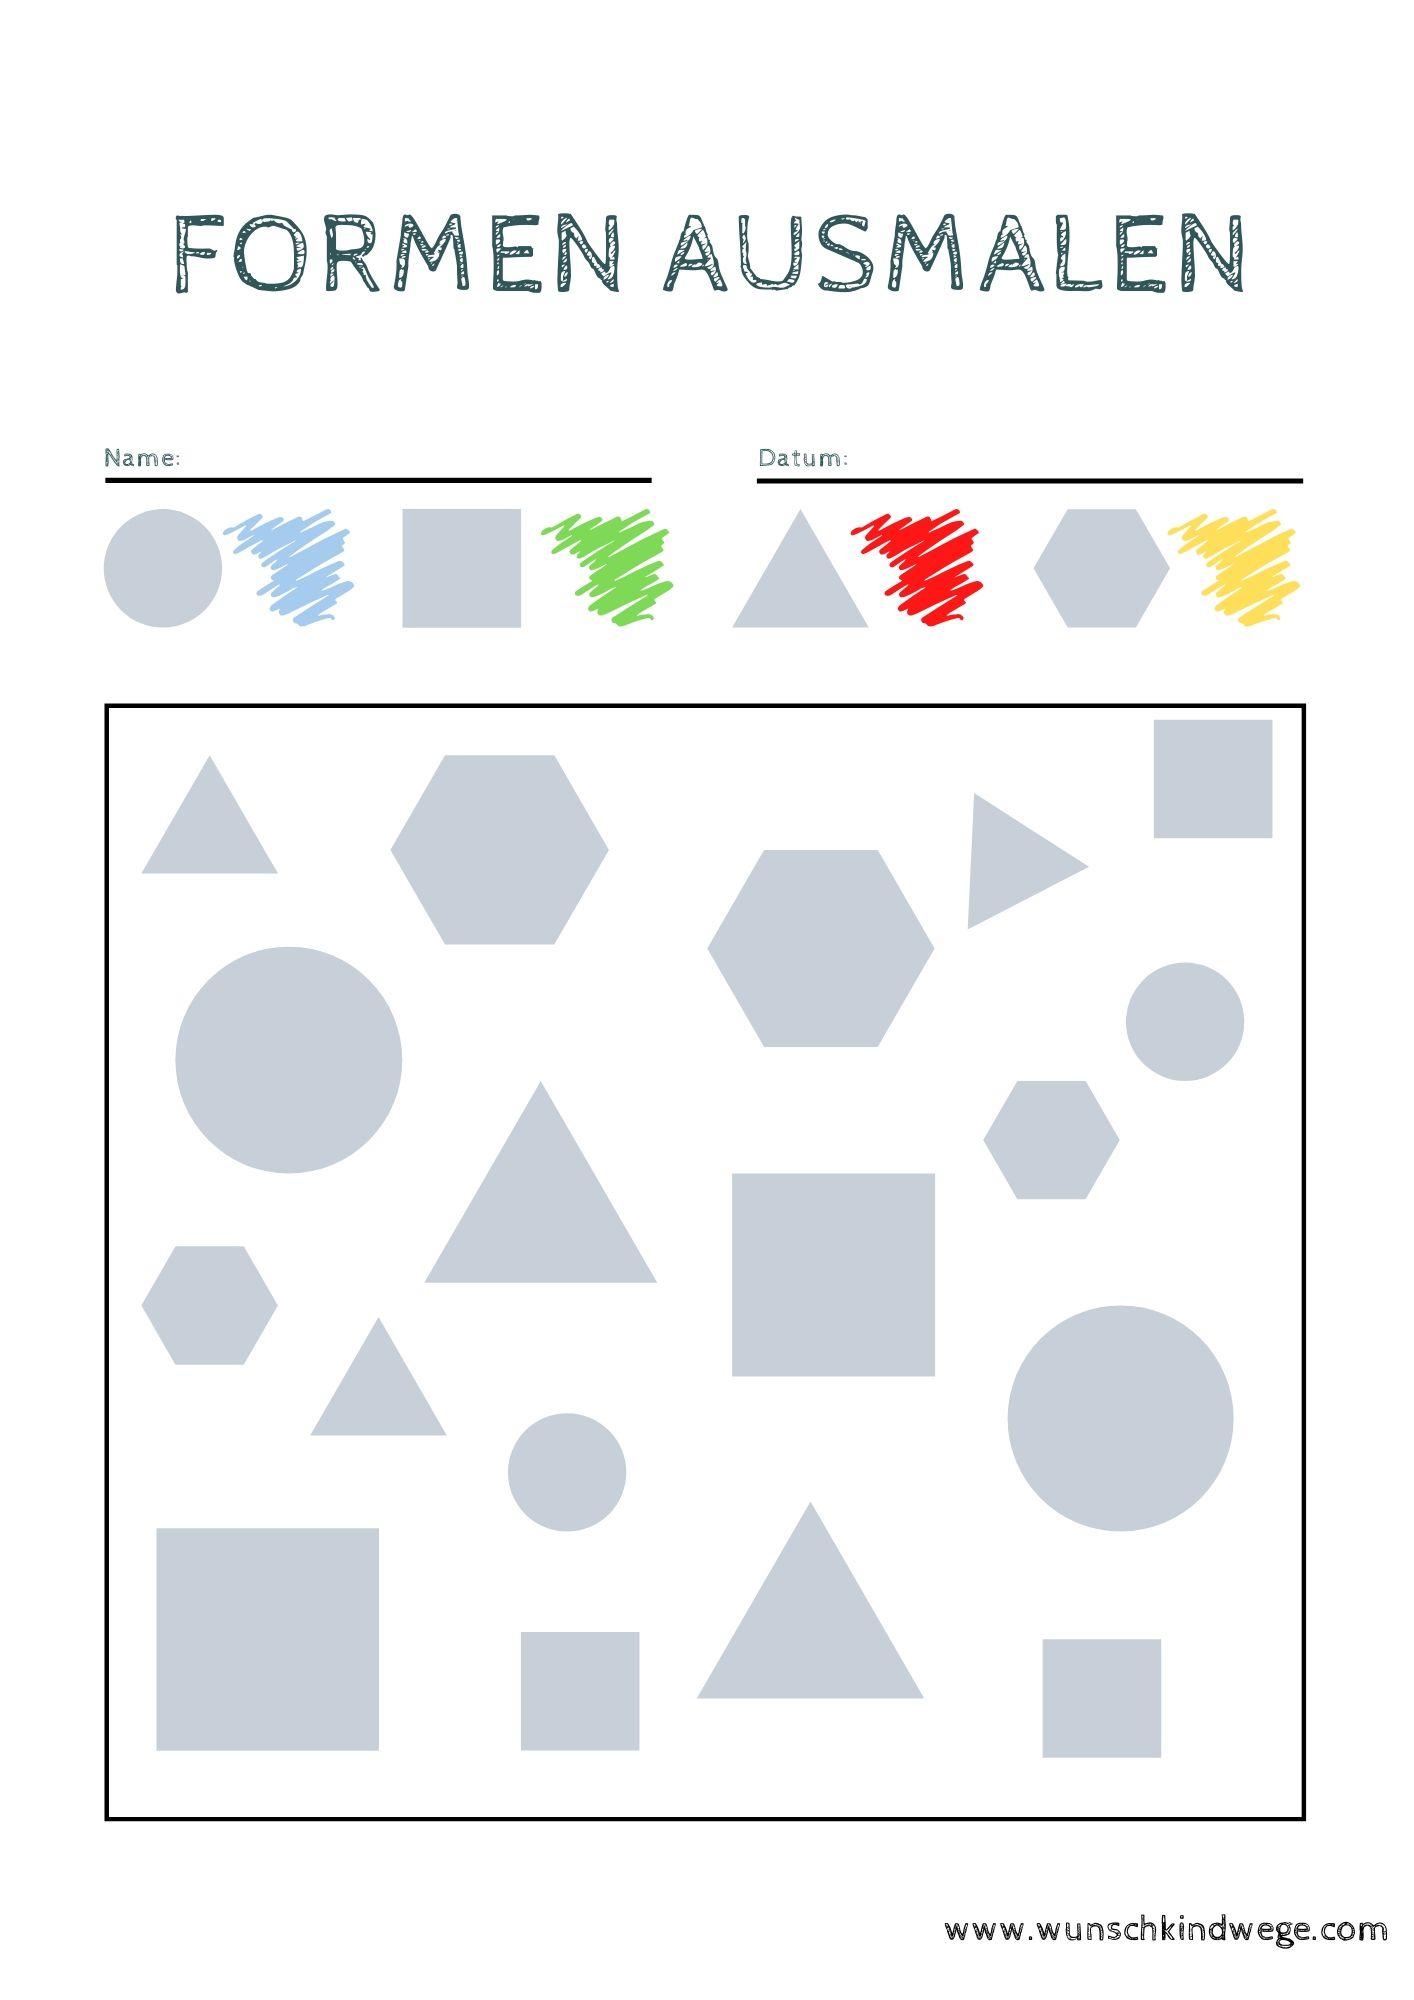 Formen ausmalen Übungsblätter Kindergarten